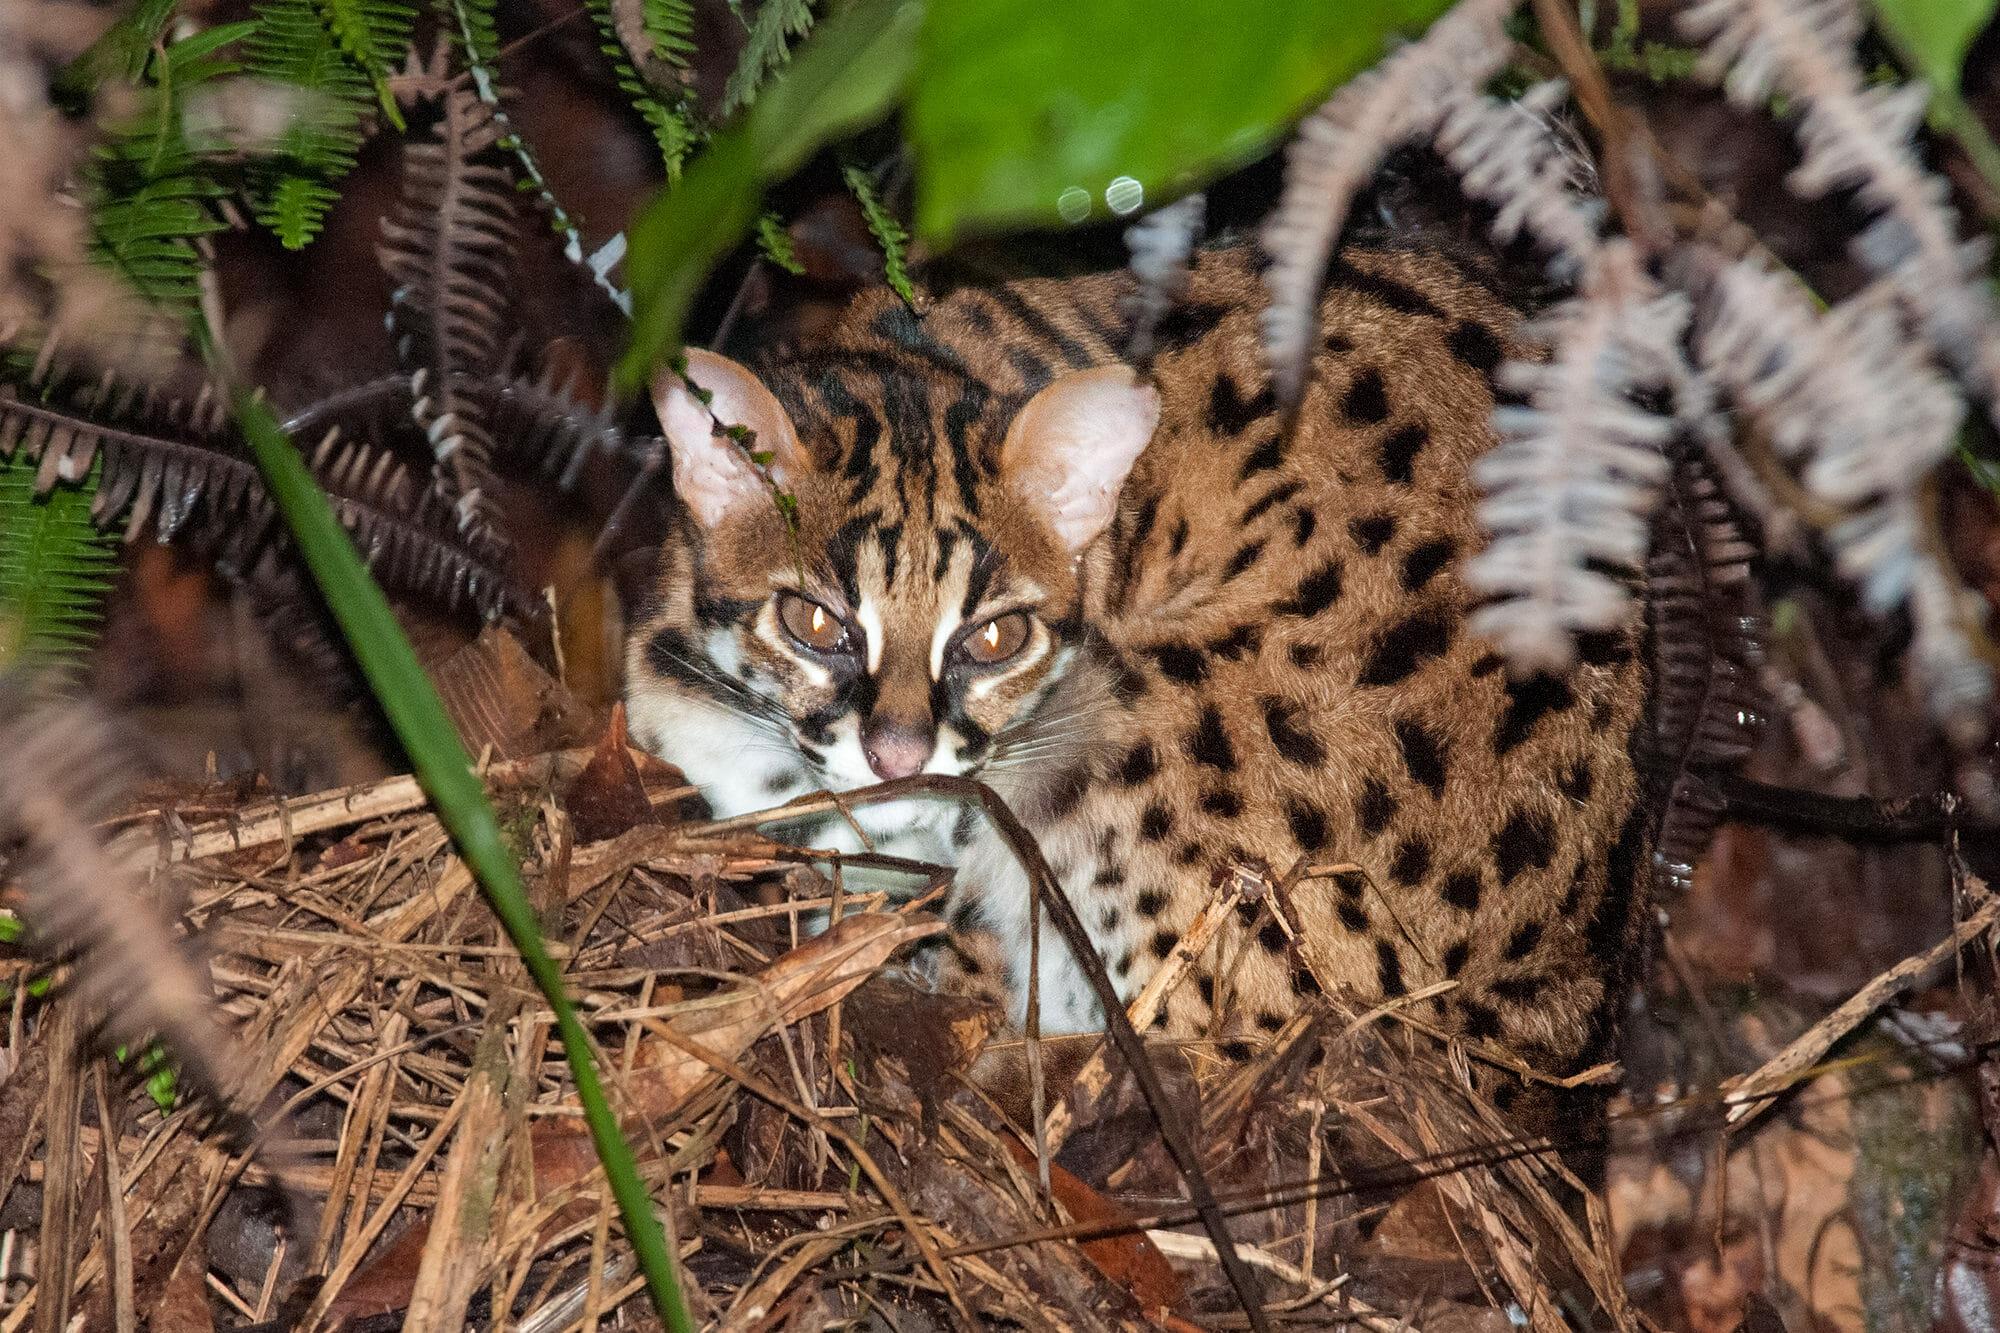 Leopard cat in Deramakot Forest Reserve, Borneo